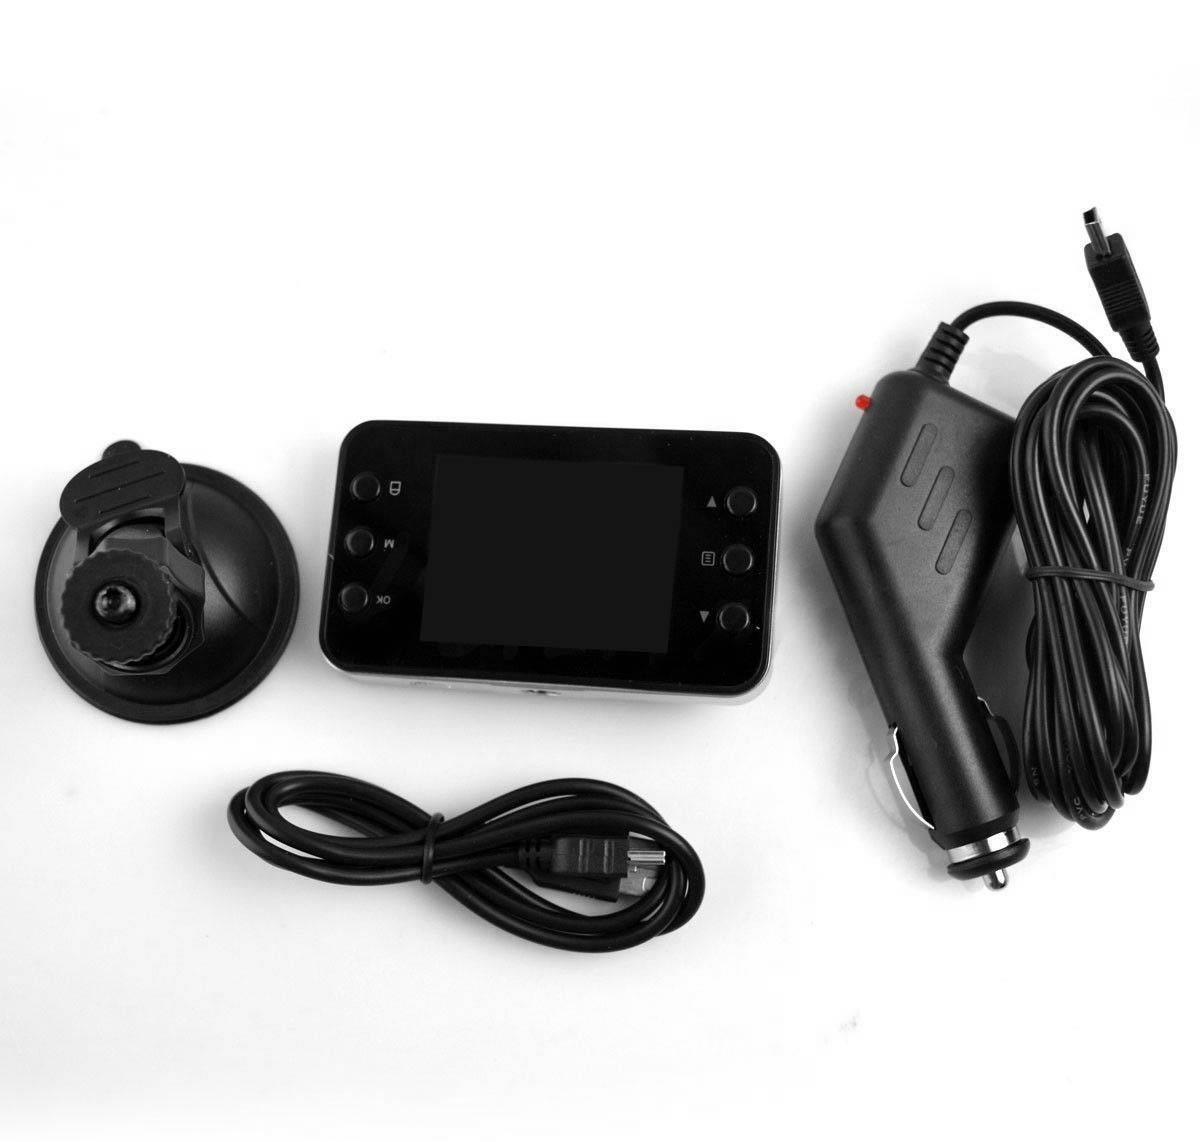 2.4 Caméra Full HD 1080P voiture DVR enregistreur vidéo Dash cam caméscope Livraison gratuite véhicule www.avalonkef.com 5.jpg